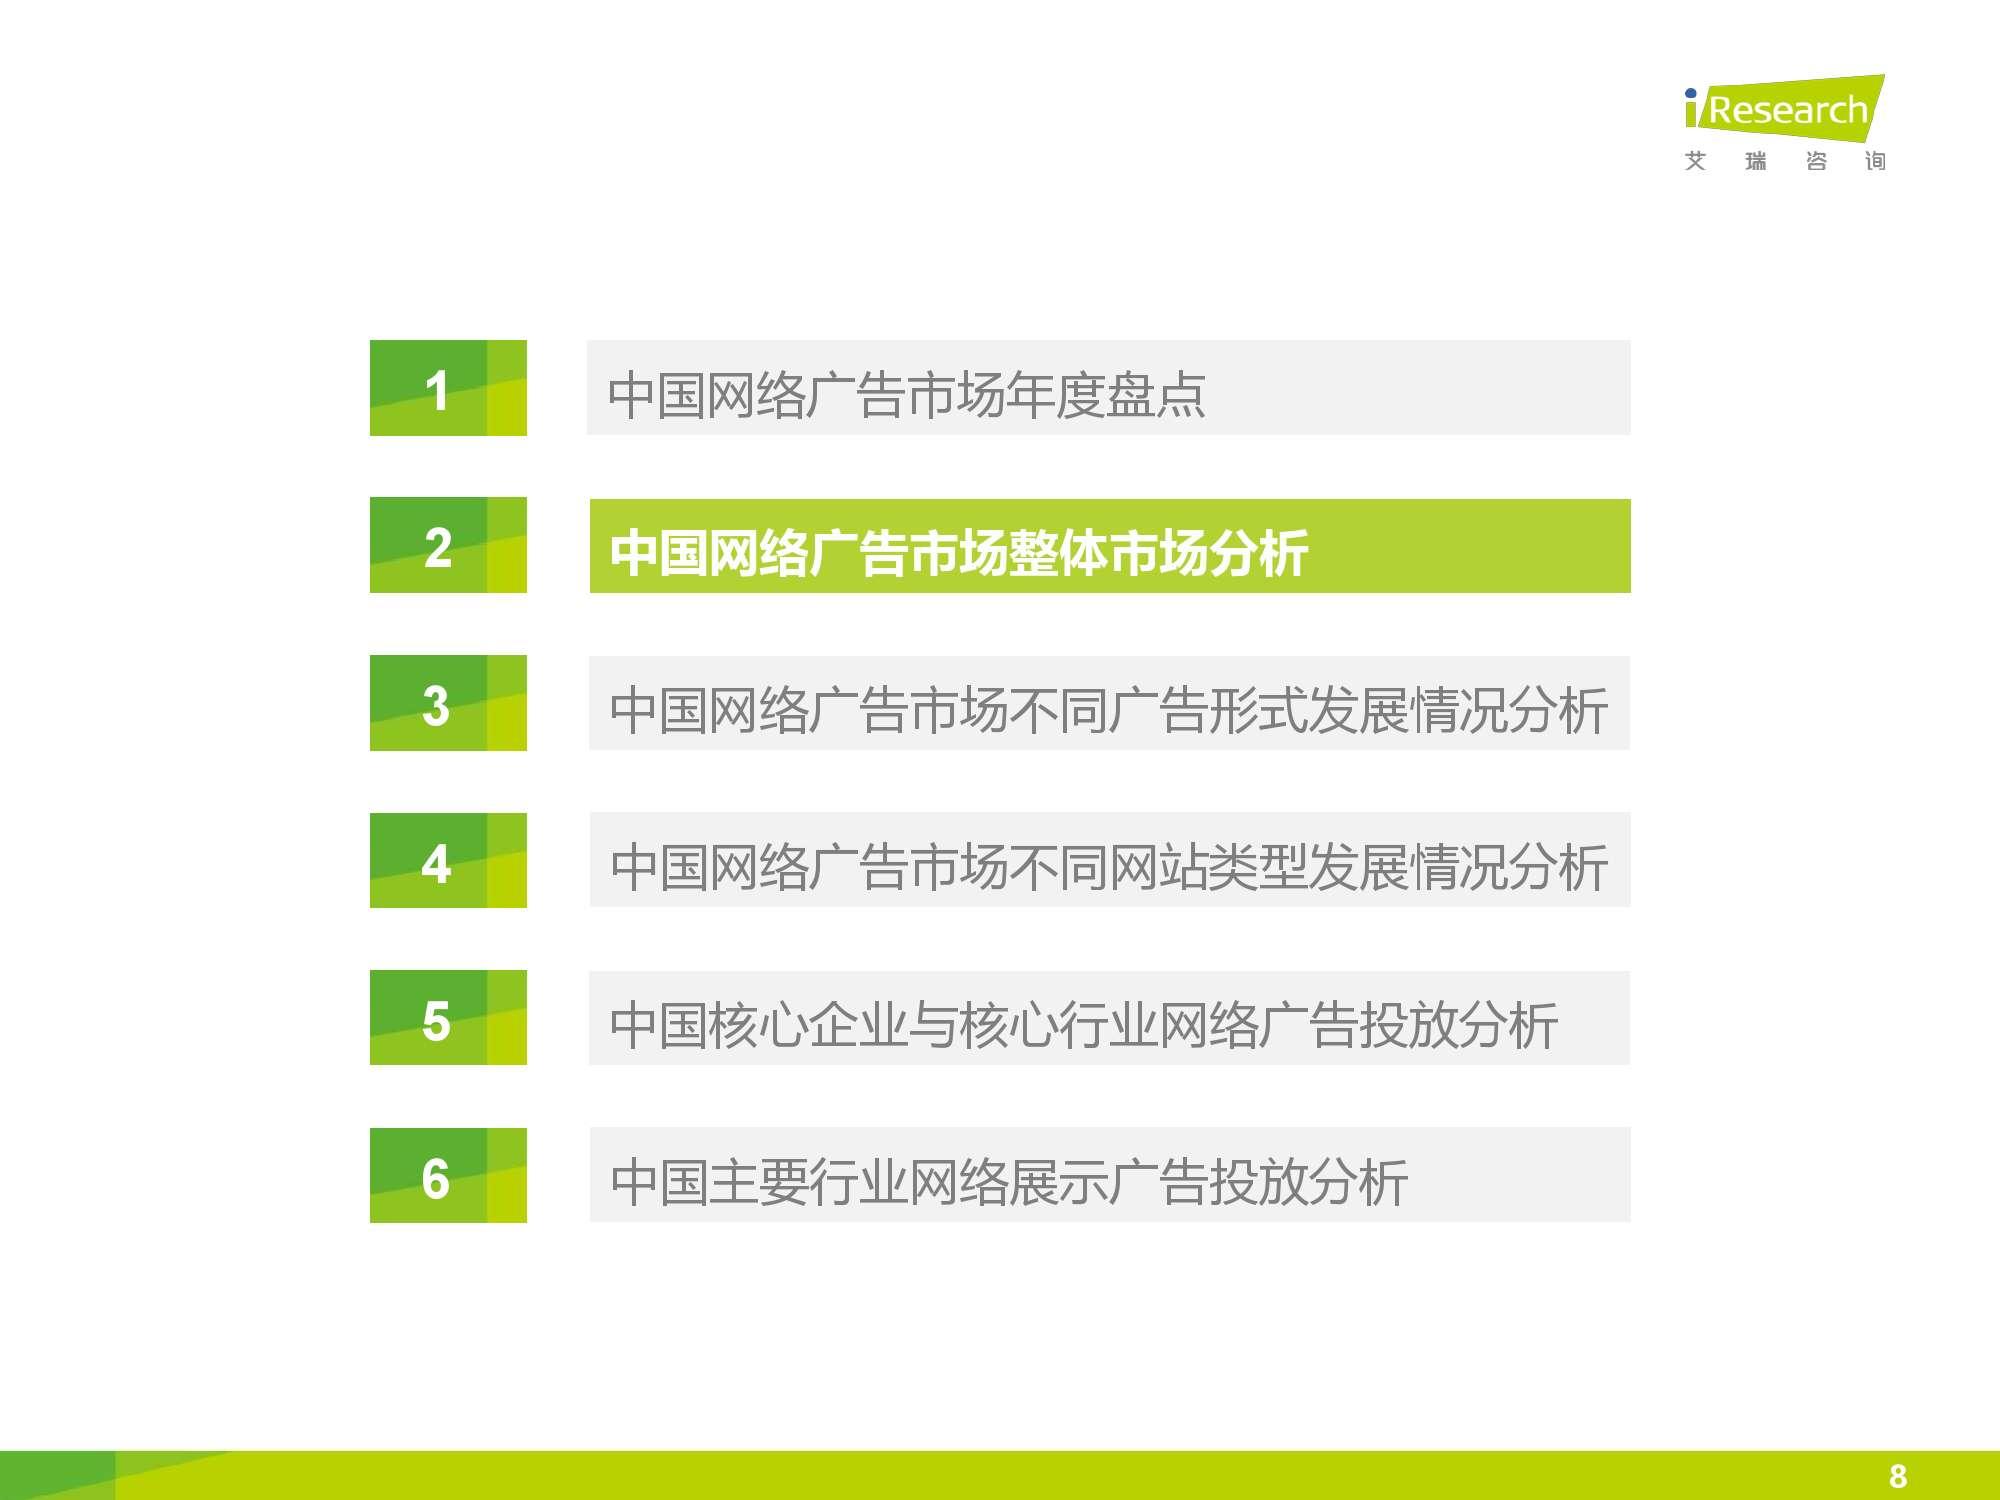 2016年中国网络广告行业年度监测报告简版_000008